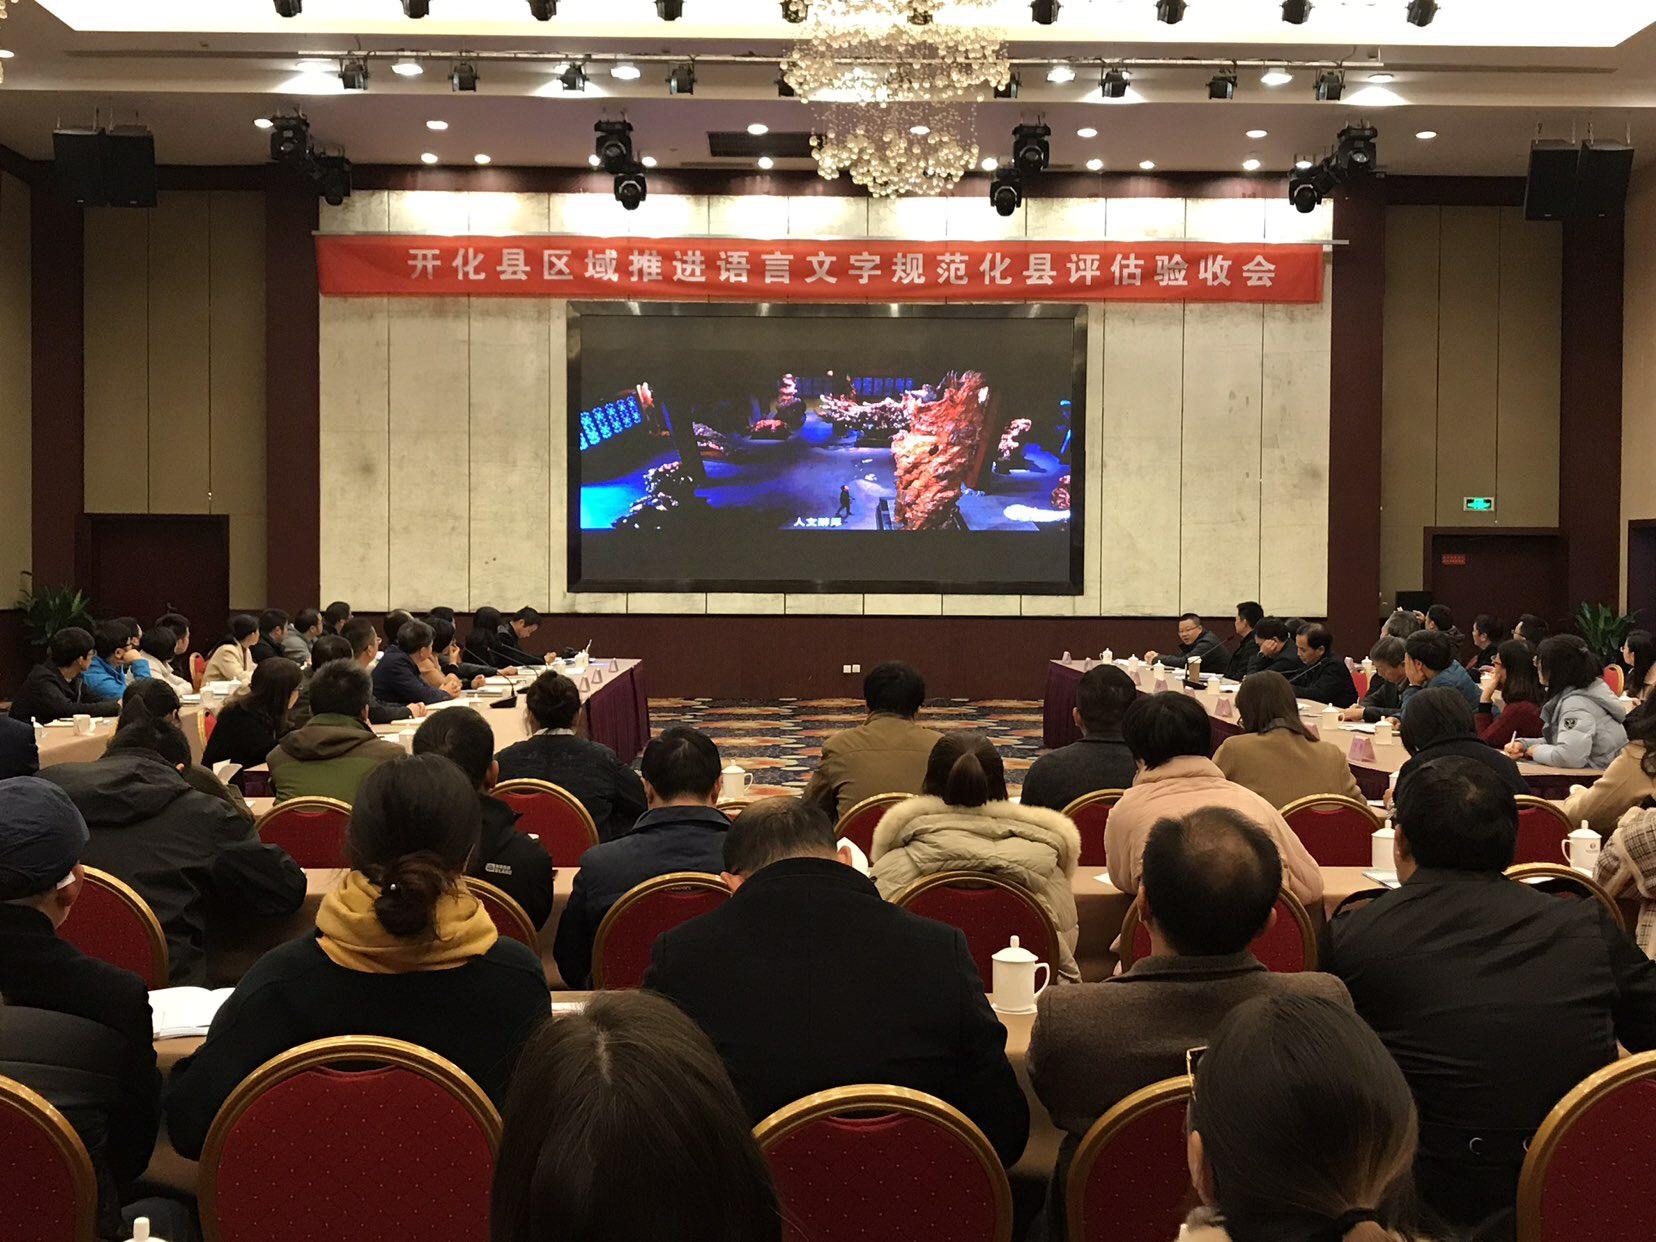 55.开化县顺利通过省区域推进语言文字规范化县评估验收